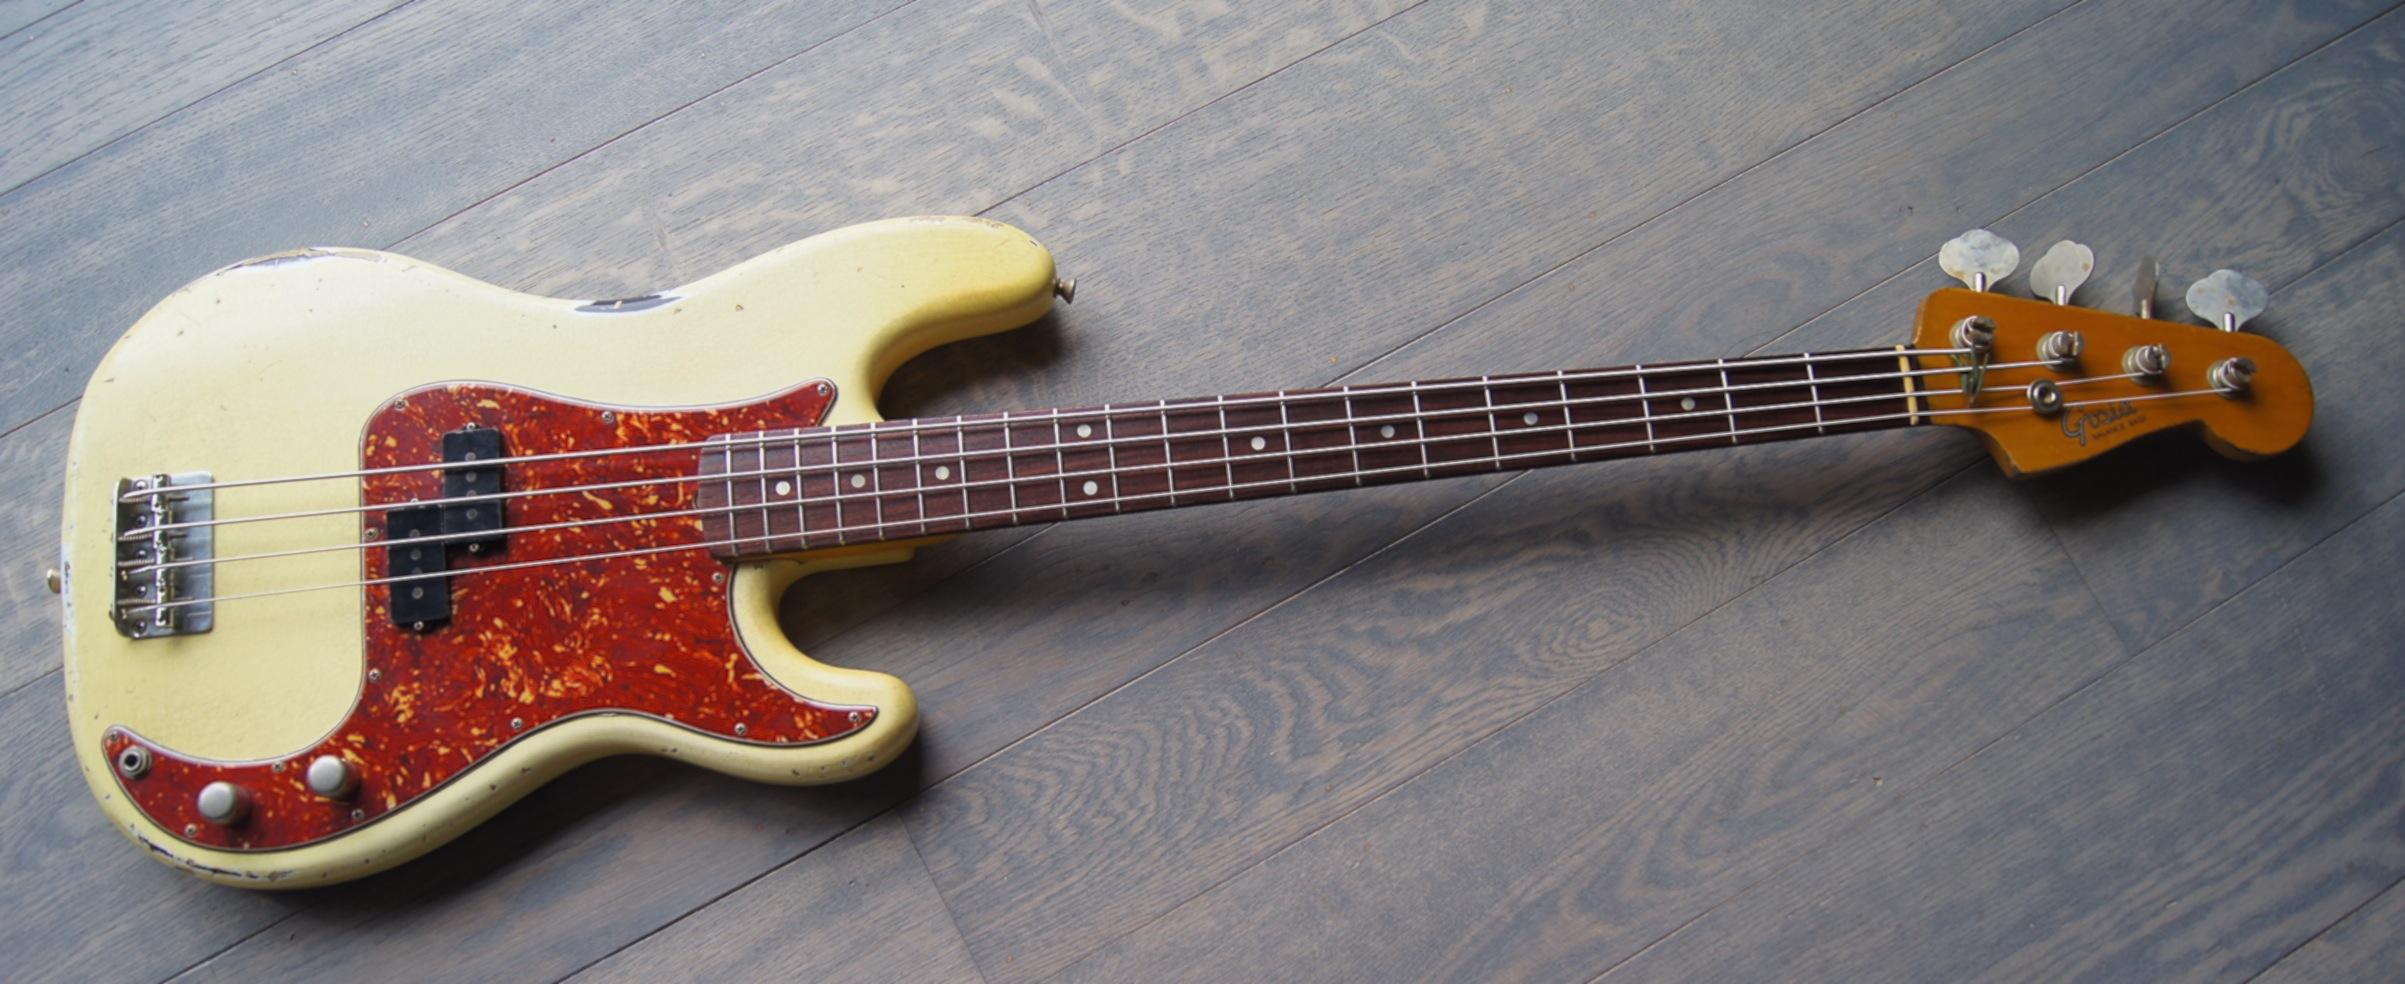 Balance bass